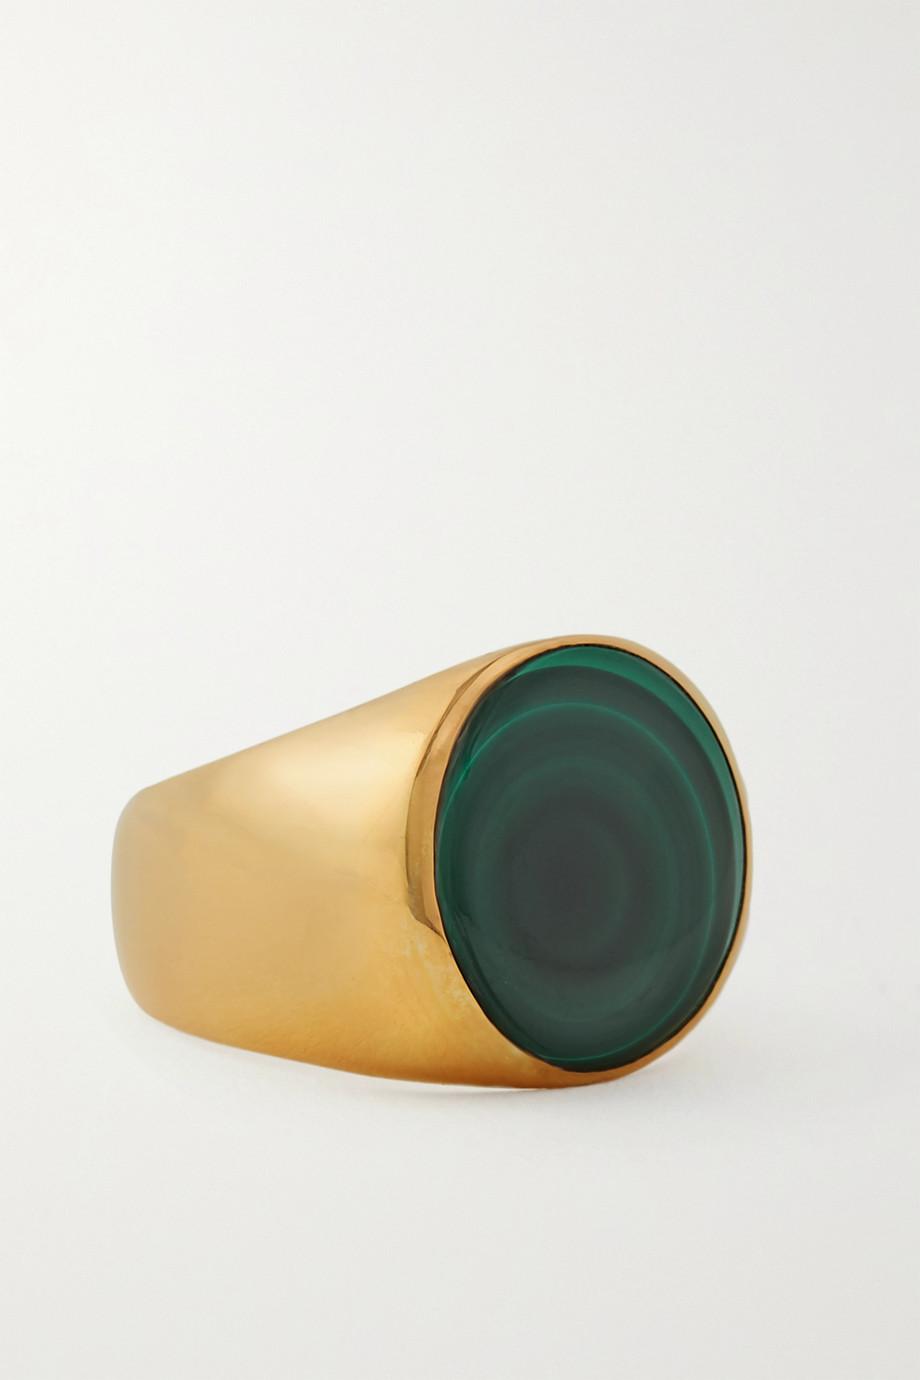 Rasa x Anna Beck Großer vergoldeter Ring mit Malachit